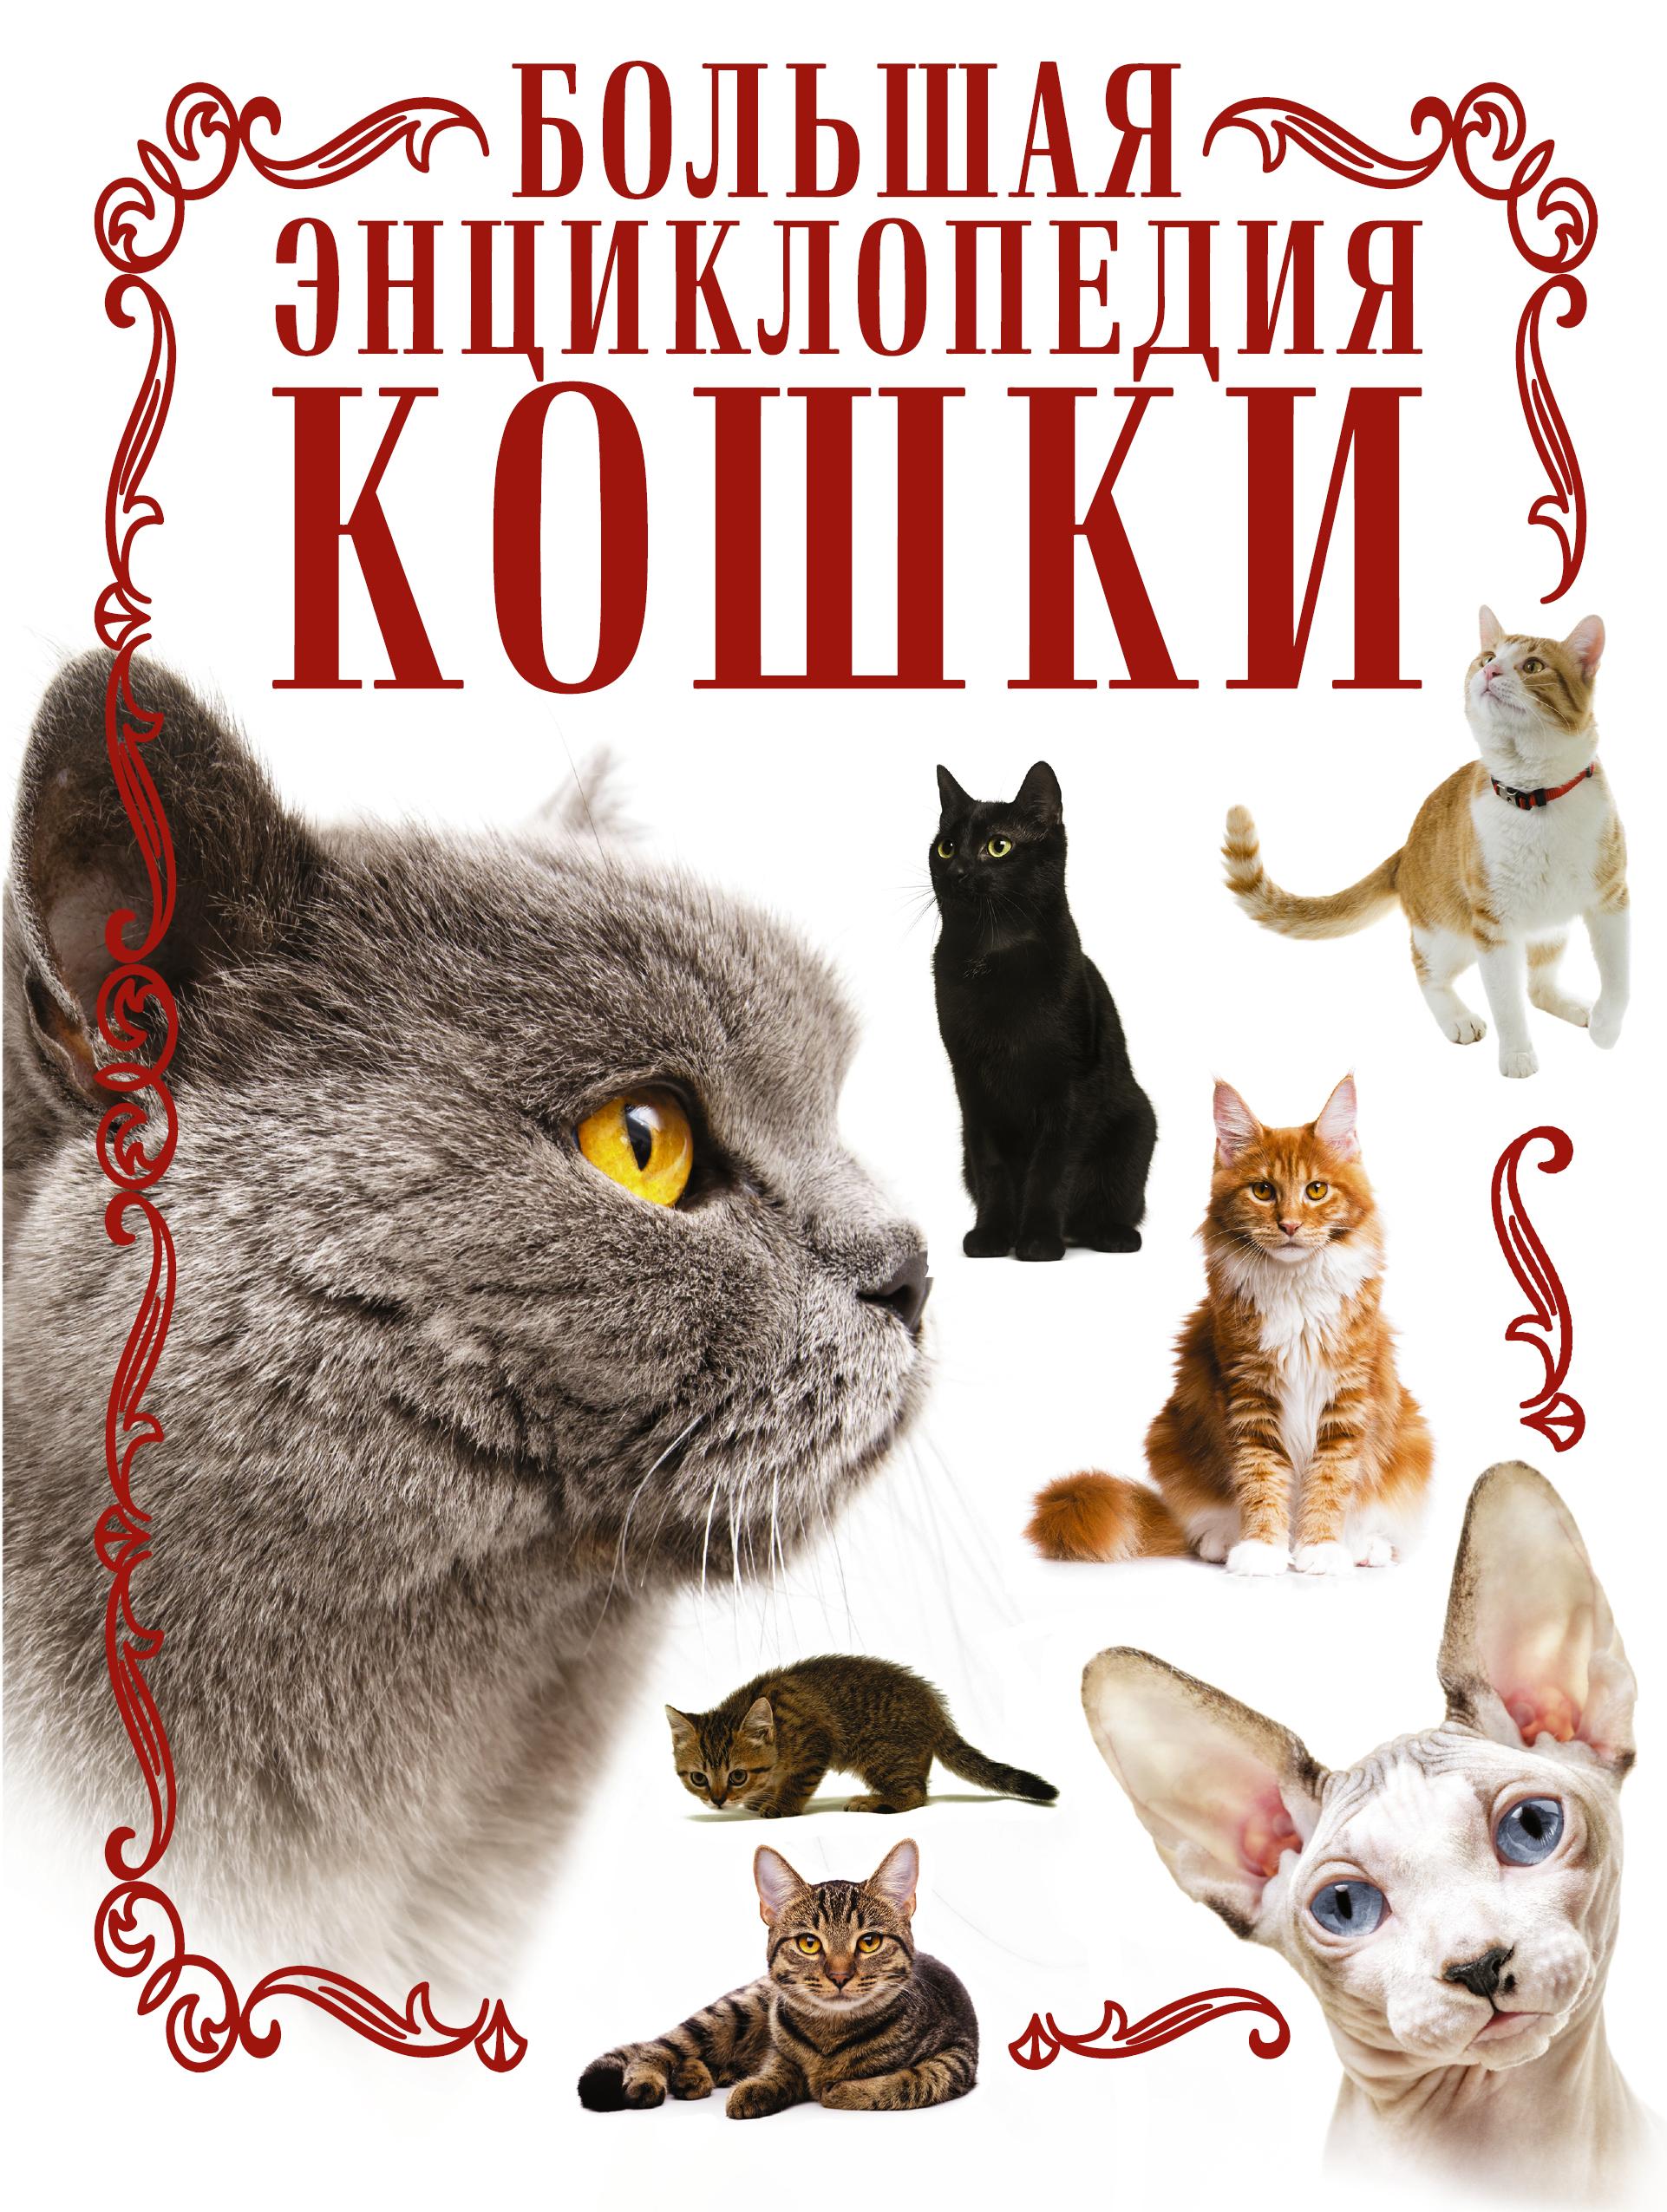 Кошки. Большая энциклопедия ( Смирнов Д.С.  )